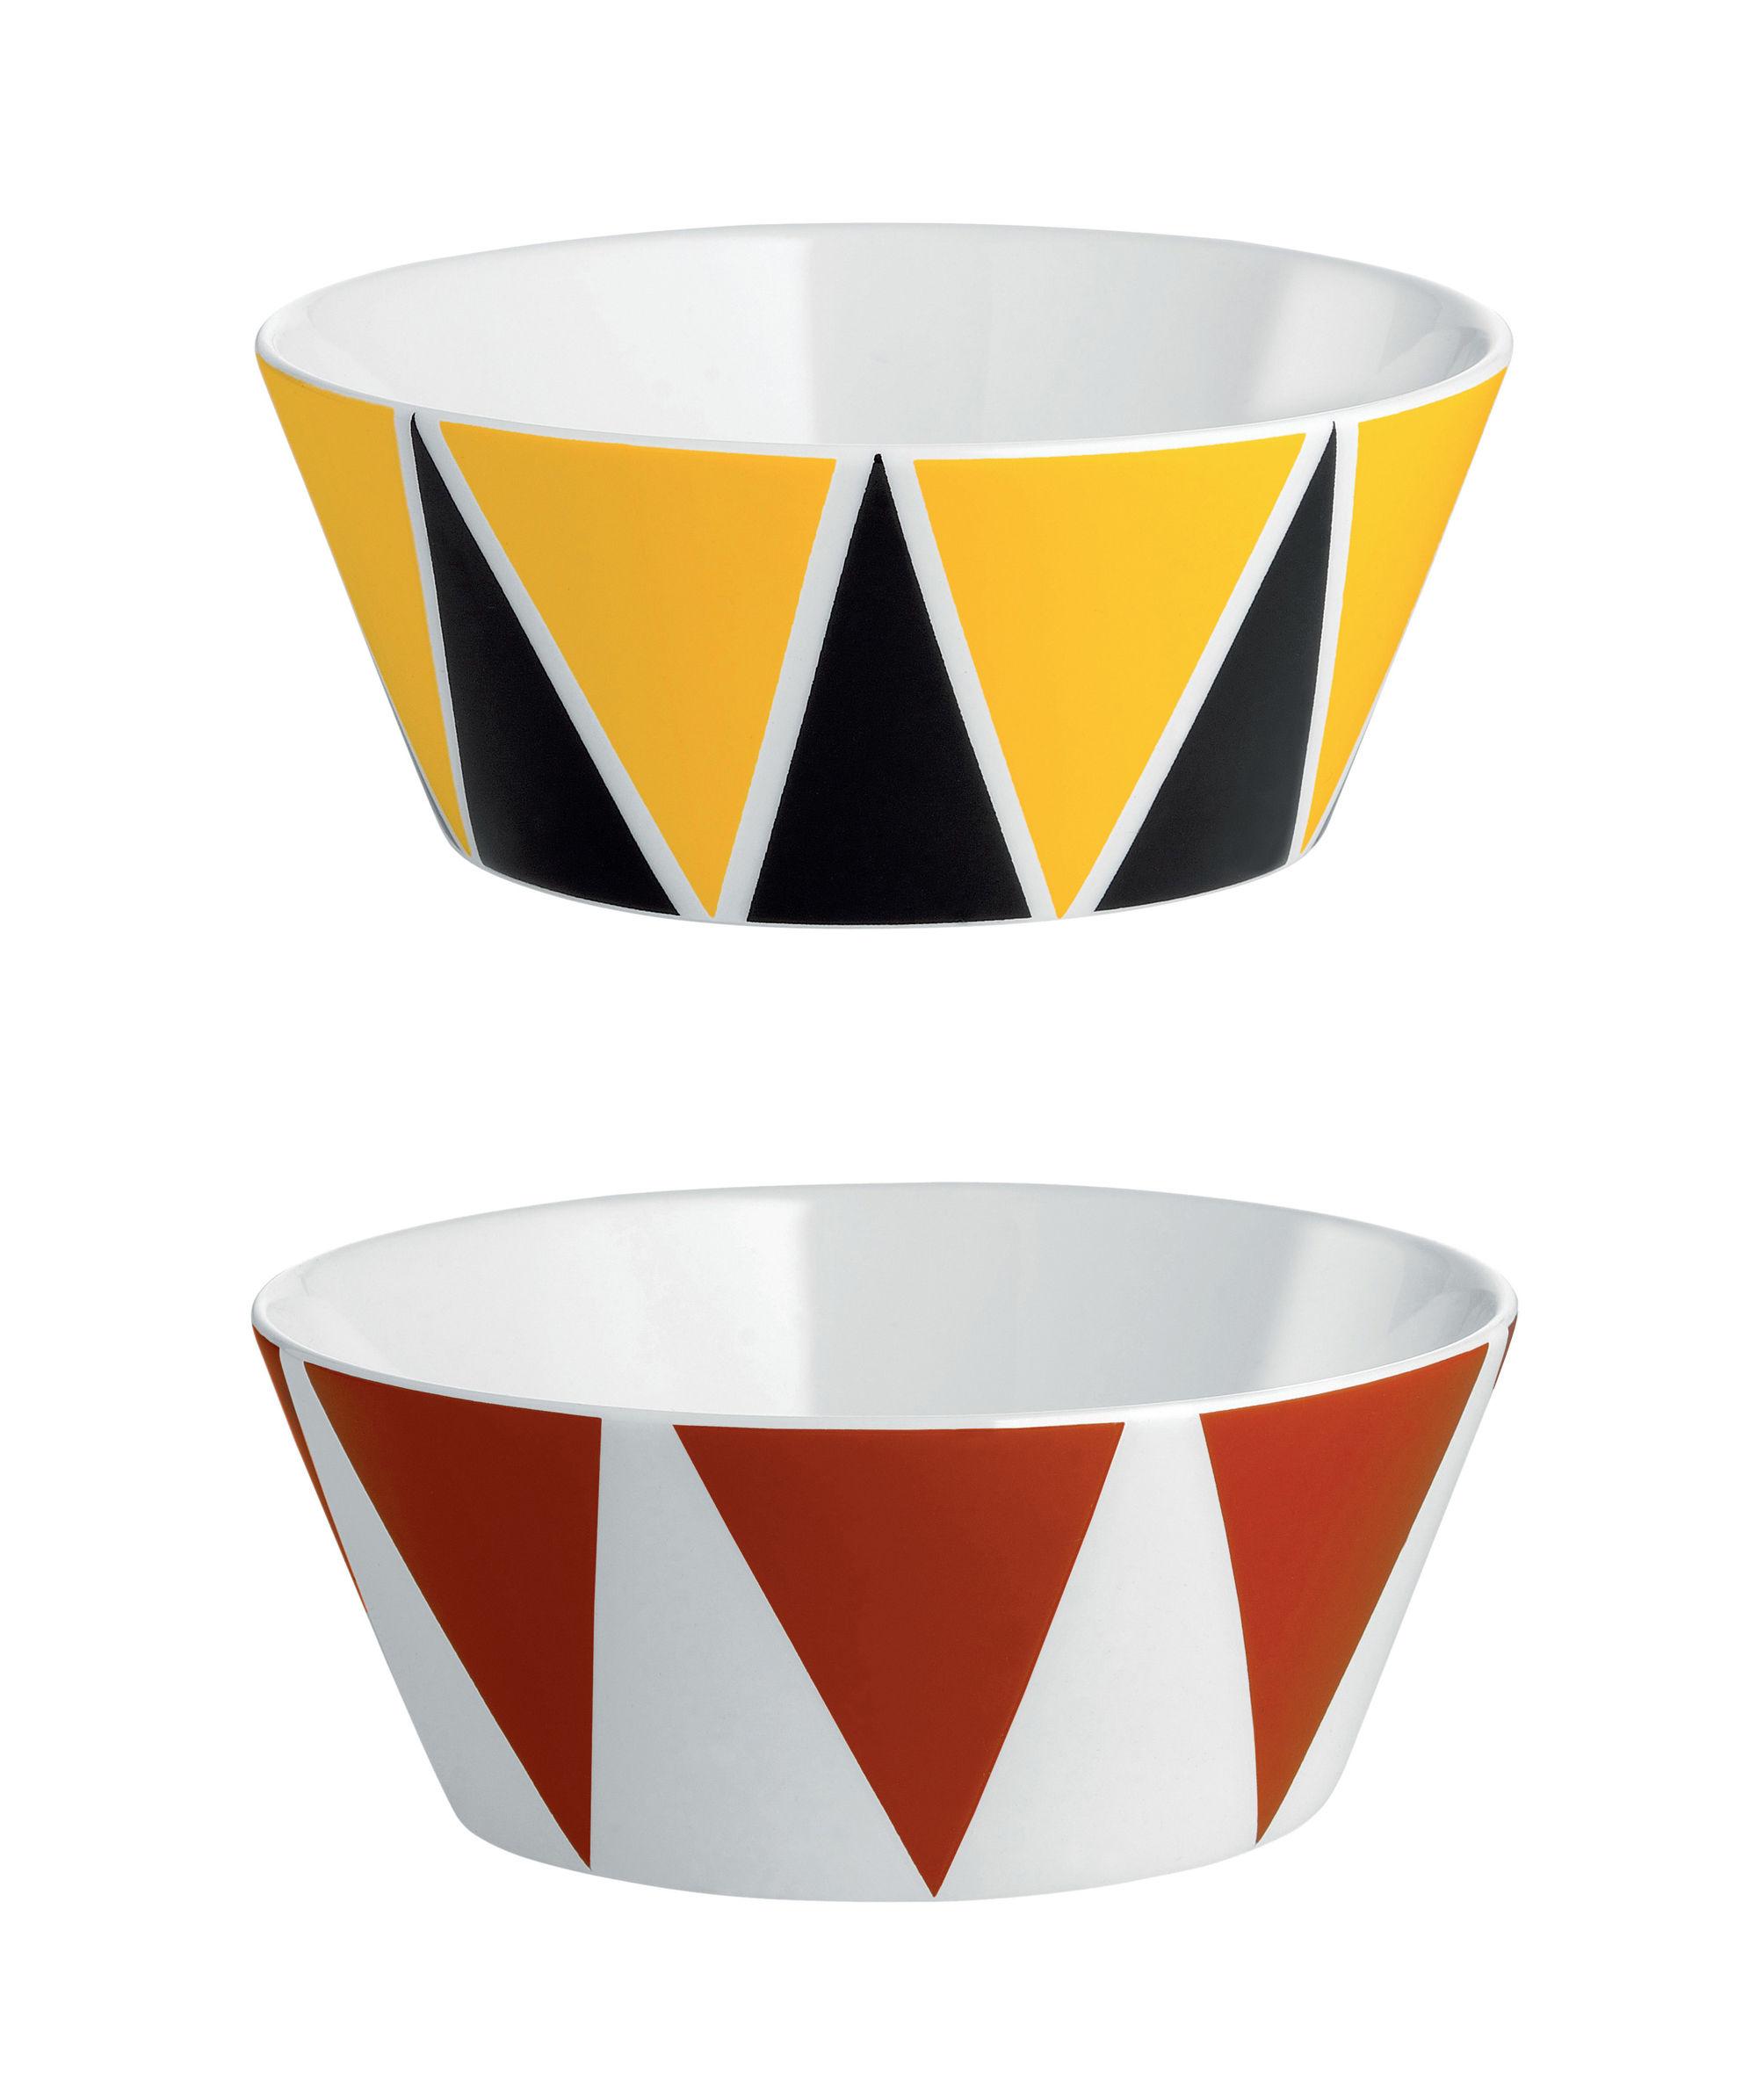 Tavola - Ciotole - Coppetta Circus / Set da 2 - Ø 11 x H 4,5 cm - Porcellana inglese - Alessi - Triangoli / Multicolore - Porcellana inglese